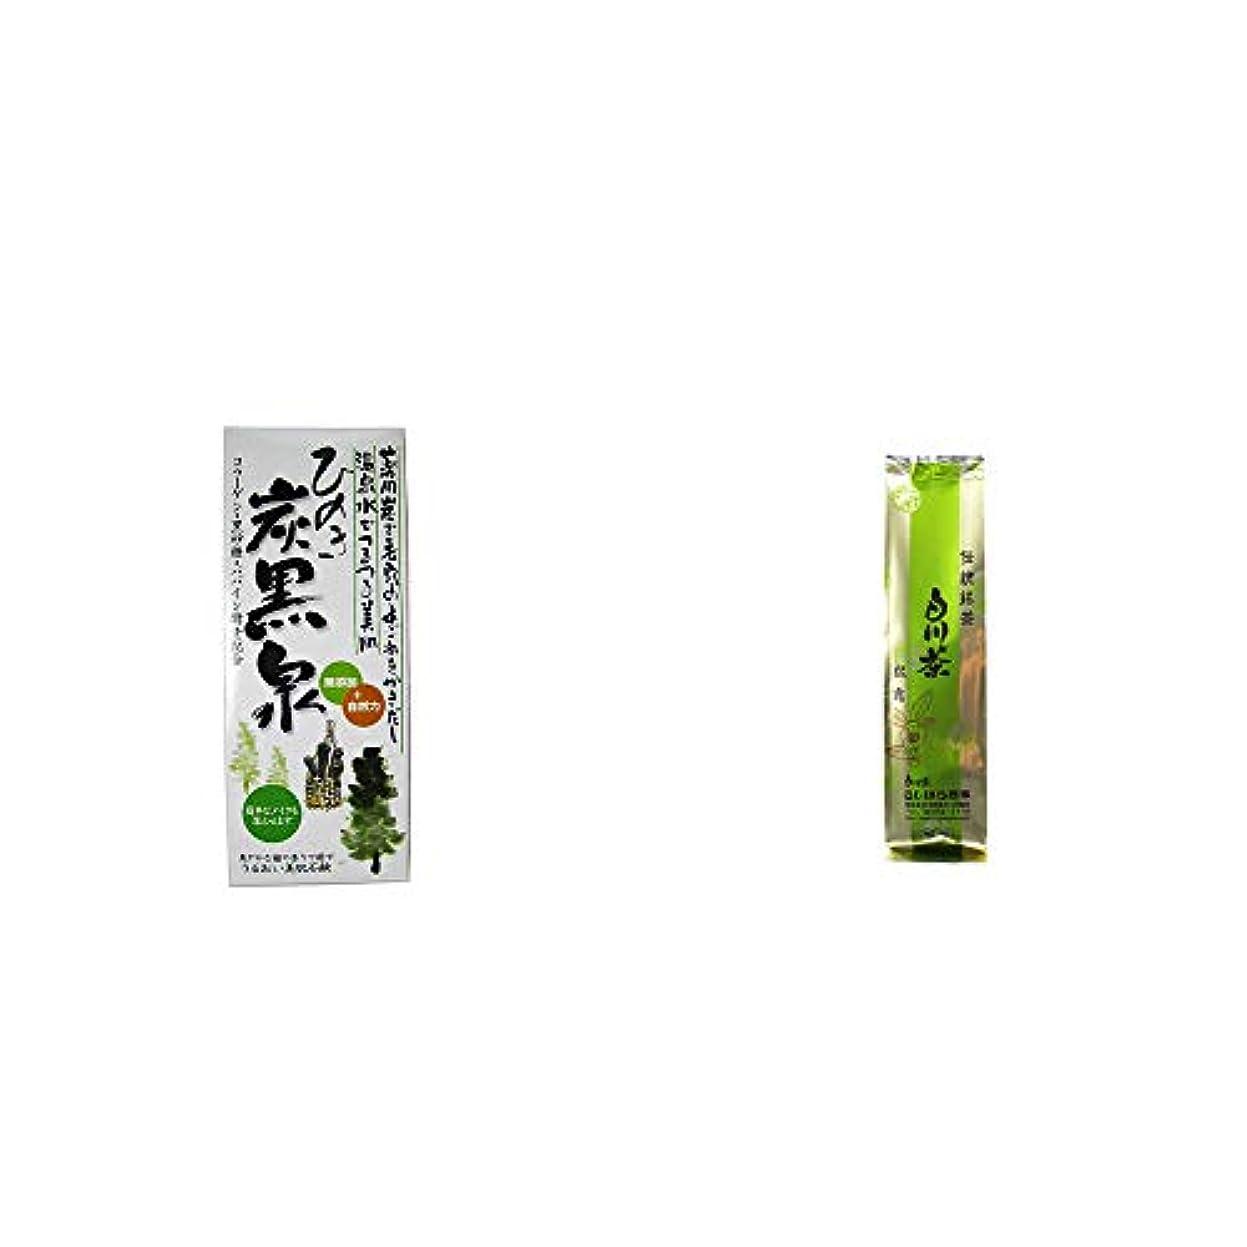 広範囲にレッスンくま[2点セット] ひのき炭黒泉 箱入り(75g×3)?白川茶 伝統銘茶【松露】(180g)